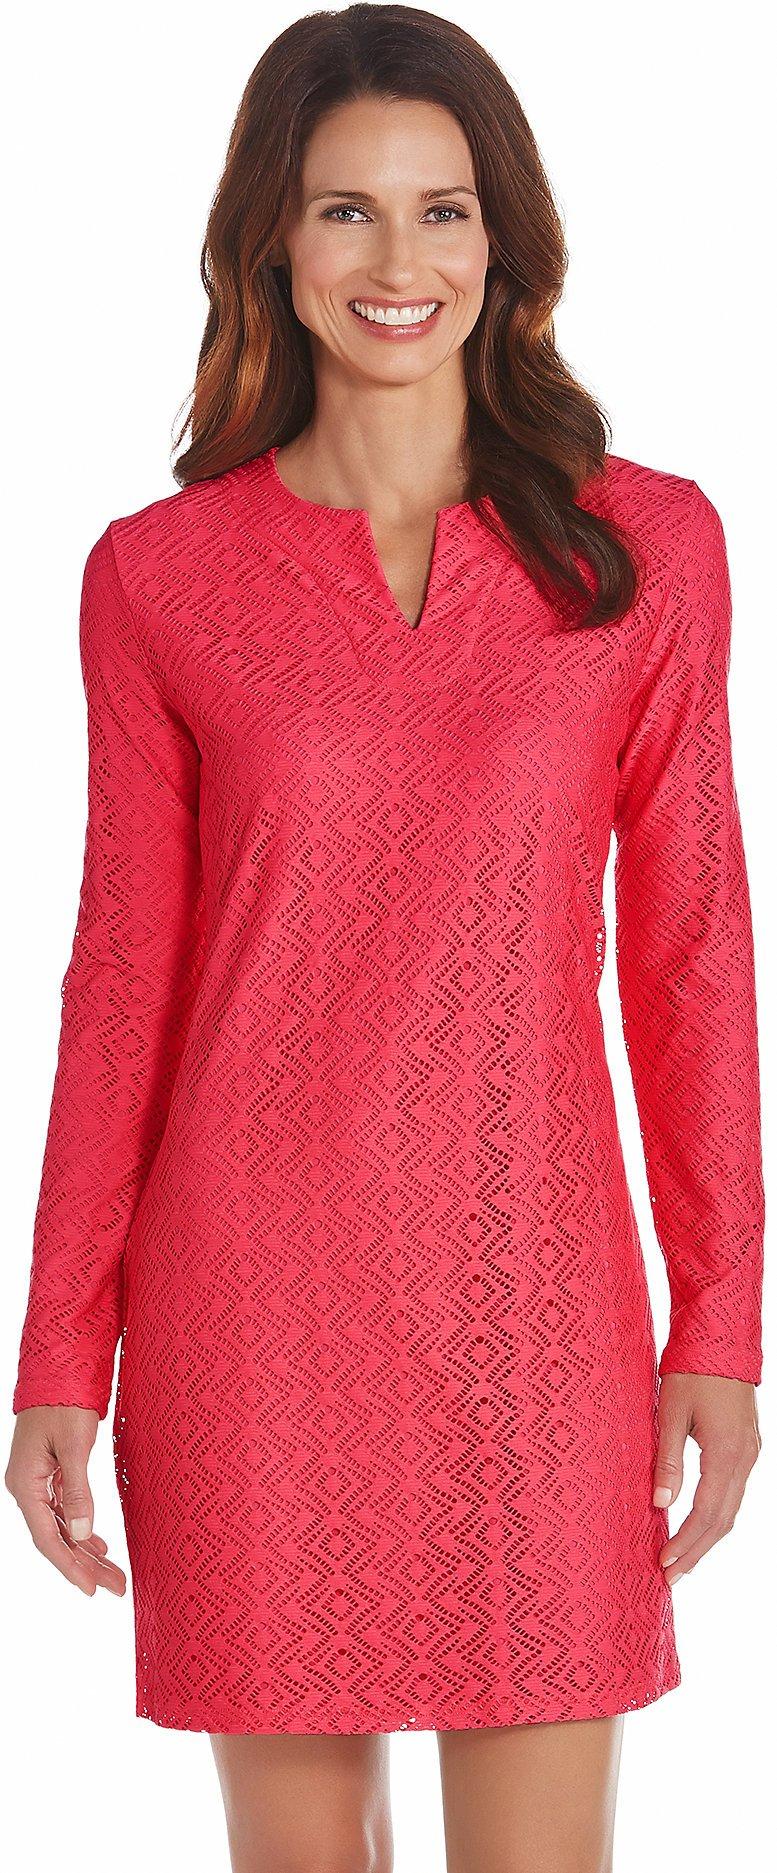 Coolibar UPF 50+ Women's Crochet Tunic - Sun Protective (Small- Bright Coral)